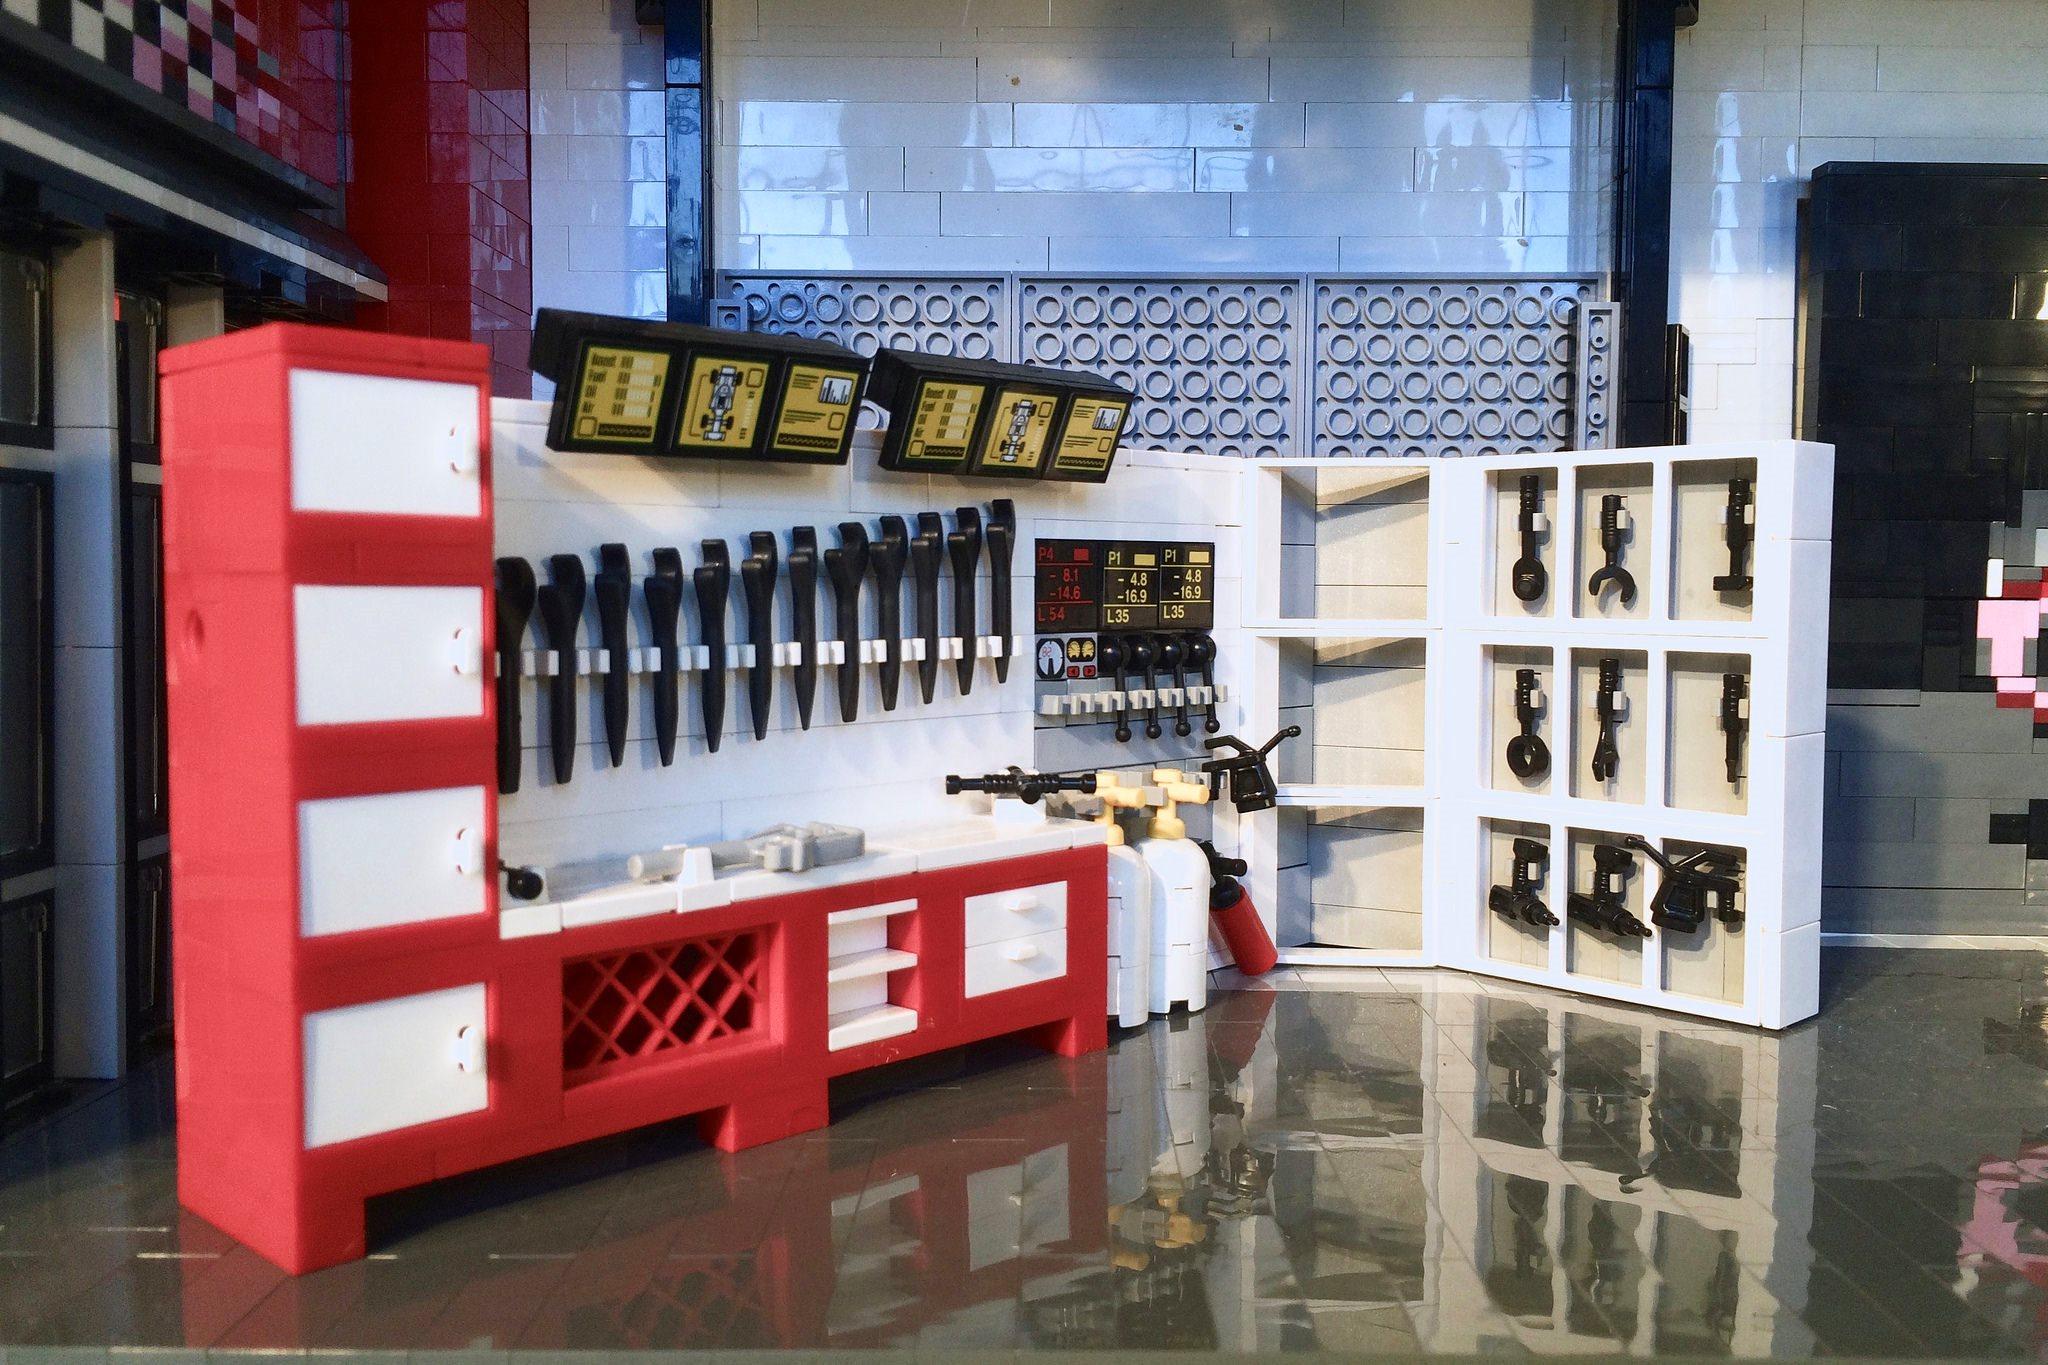 Lego Ferrari dealership options